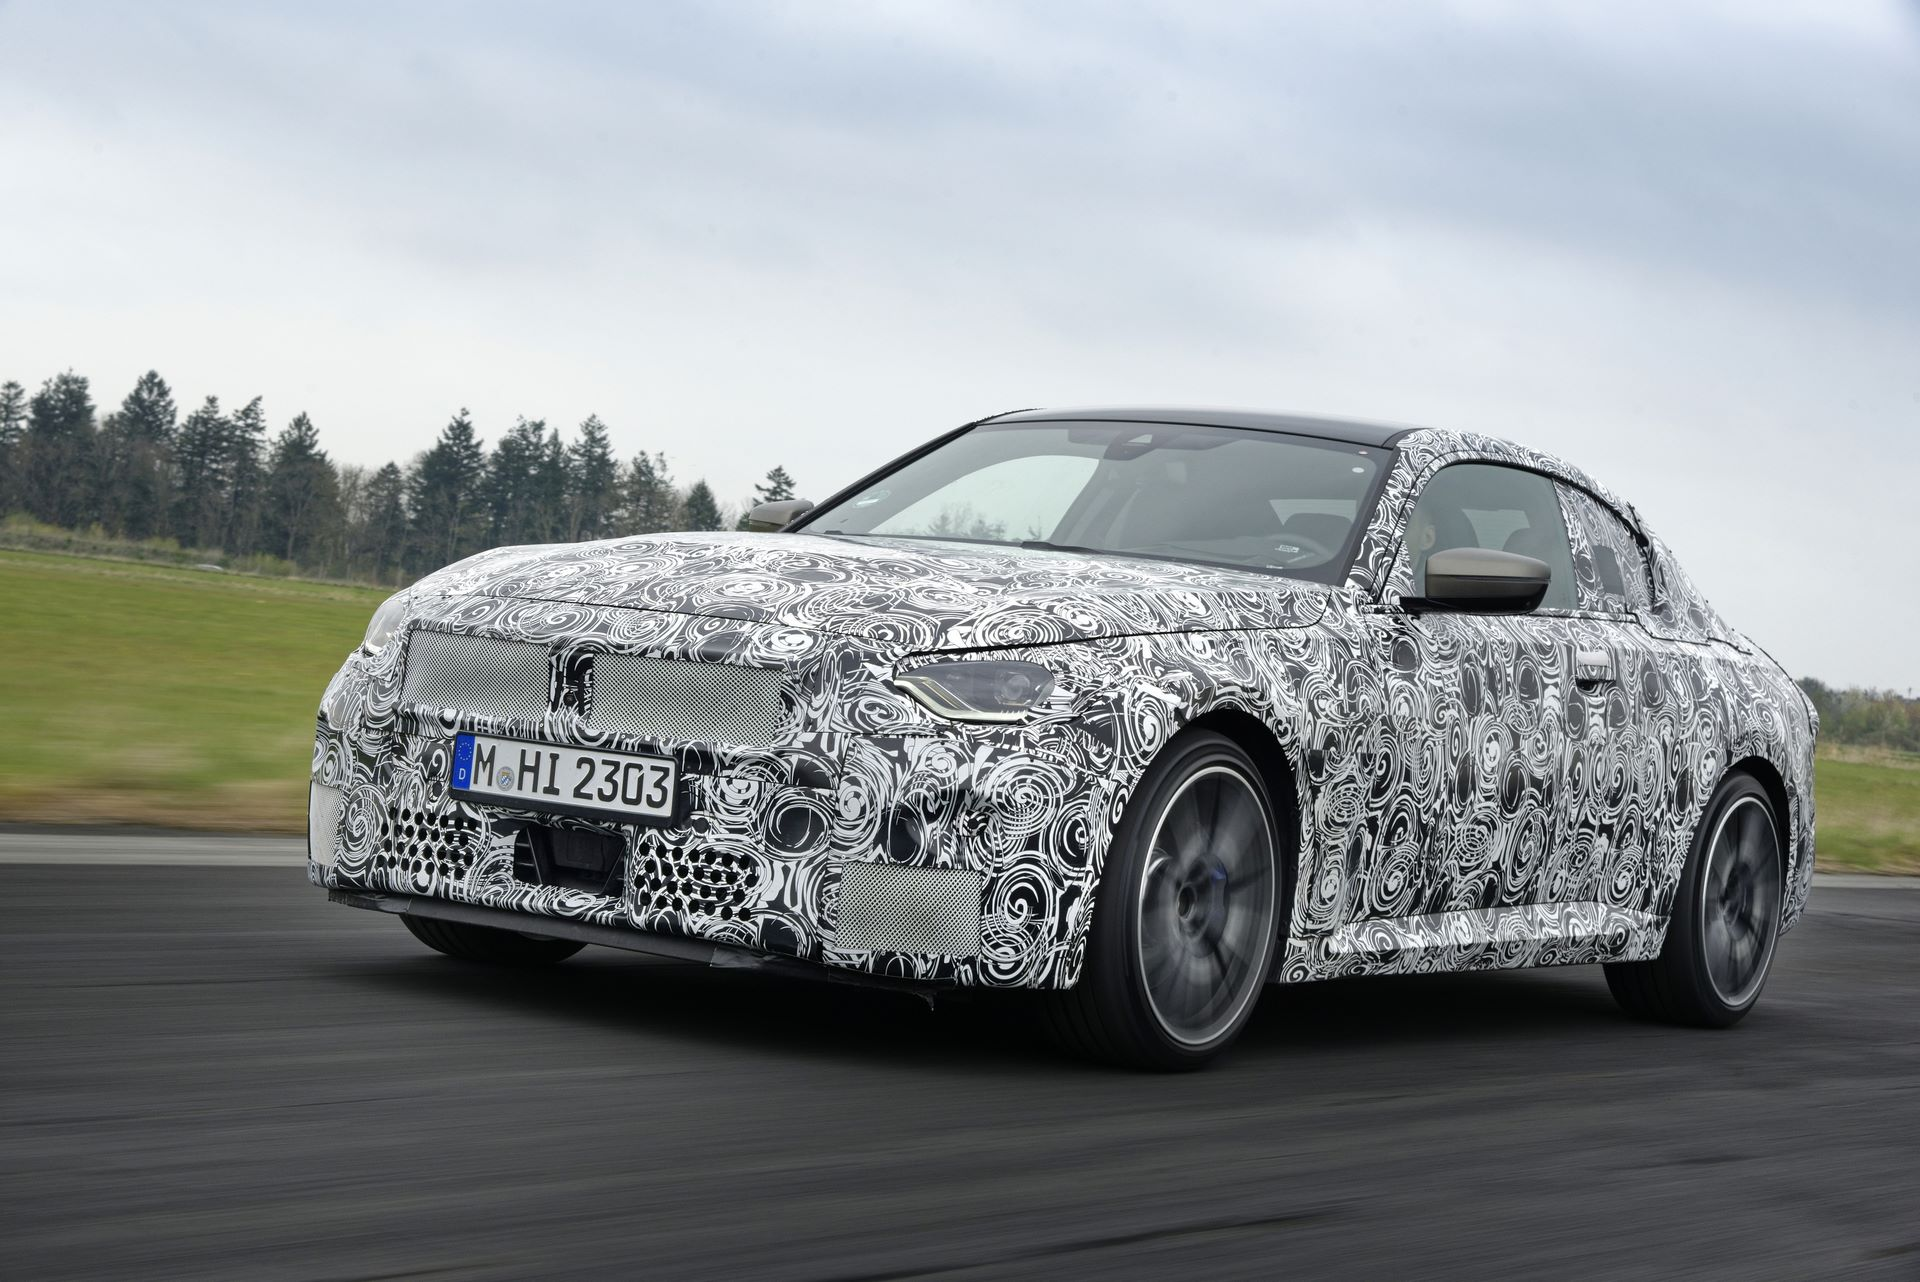 BMW-2-Series-M240i-spy-photos-59